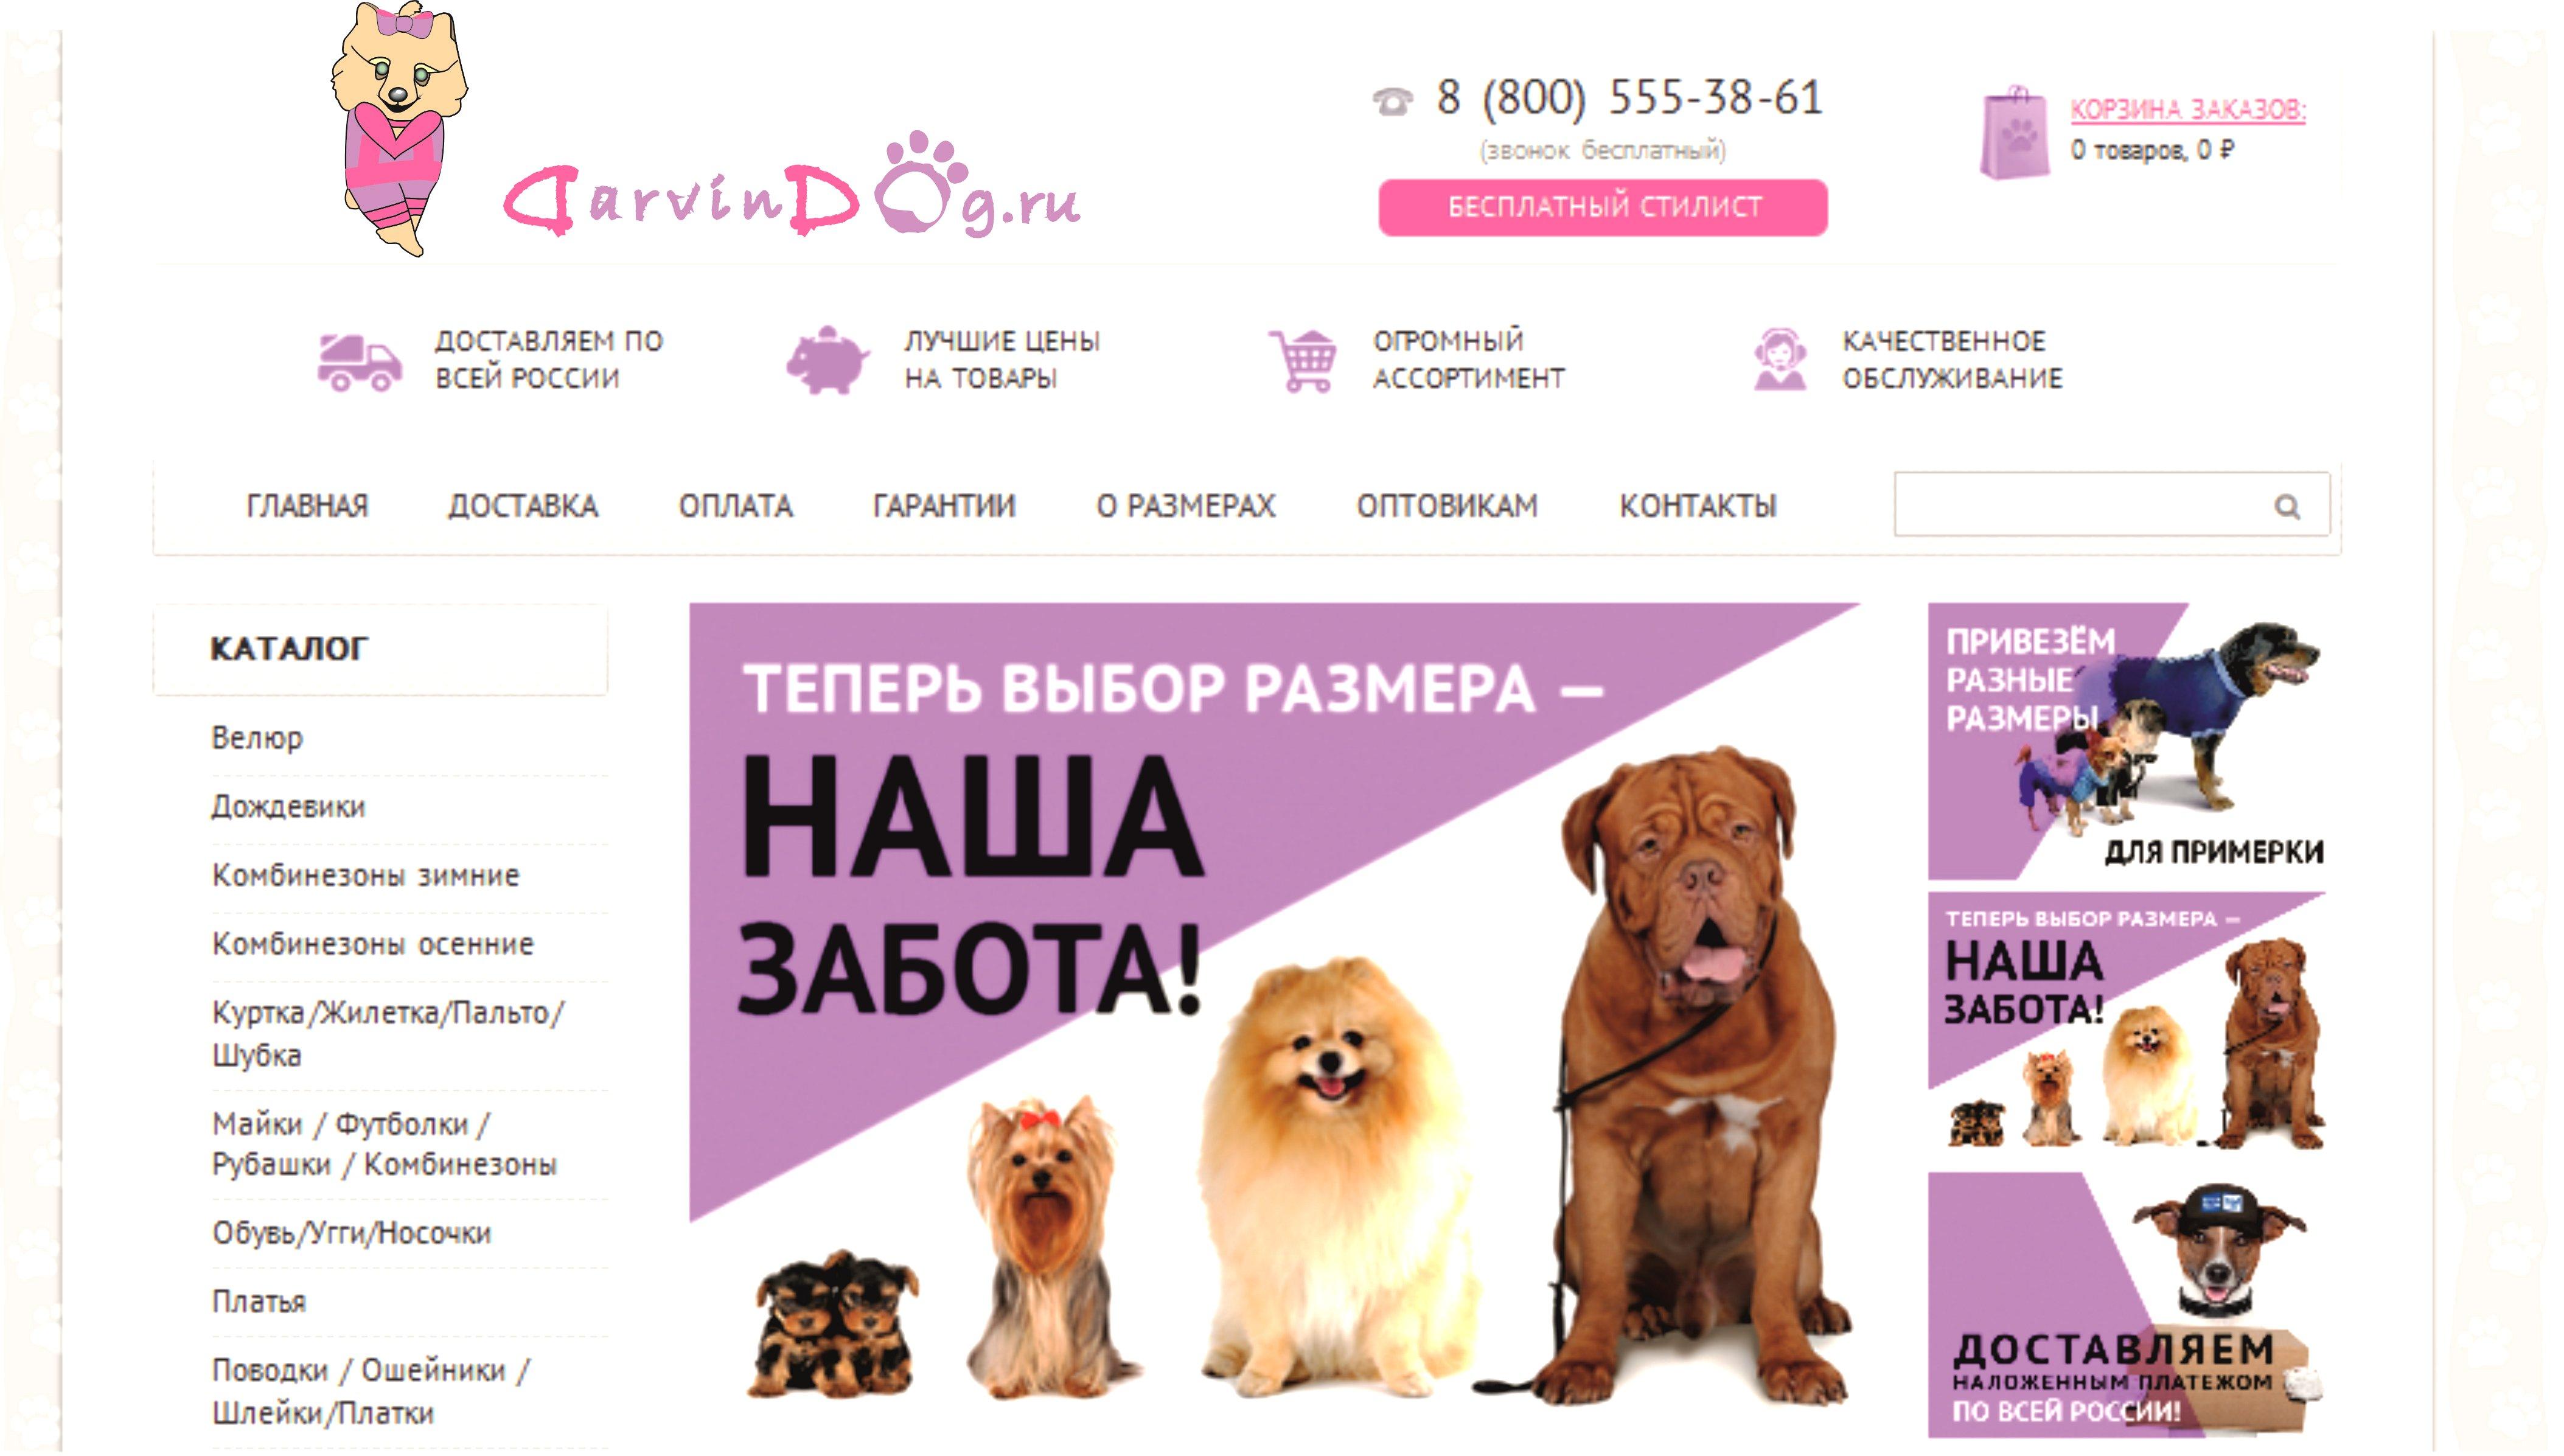 Создать логотип для интернет магазина одежды для собак фото f_697564e2c0ca2b81.jpg